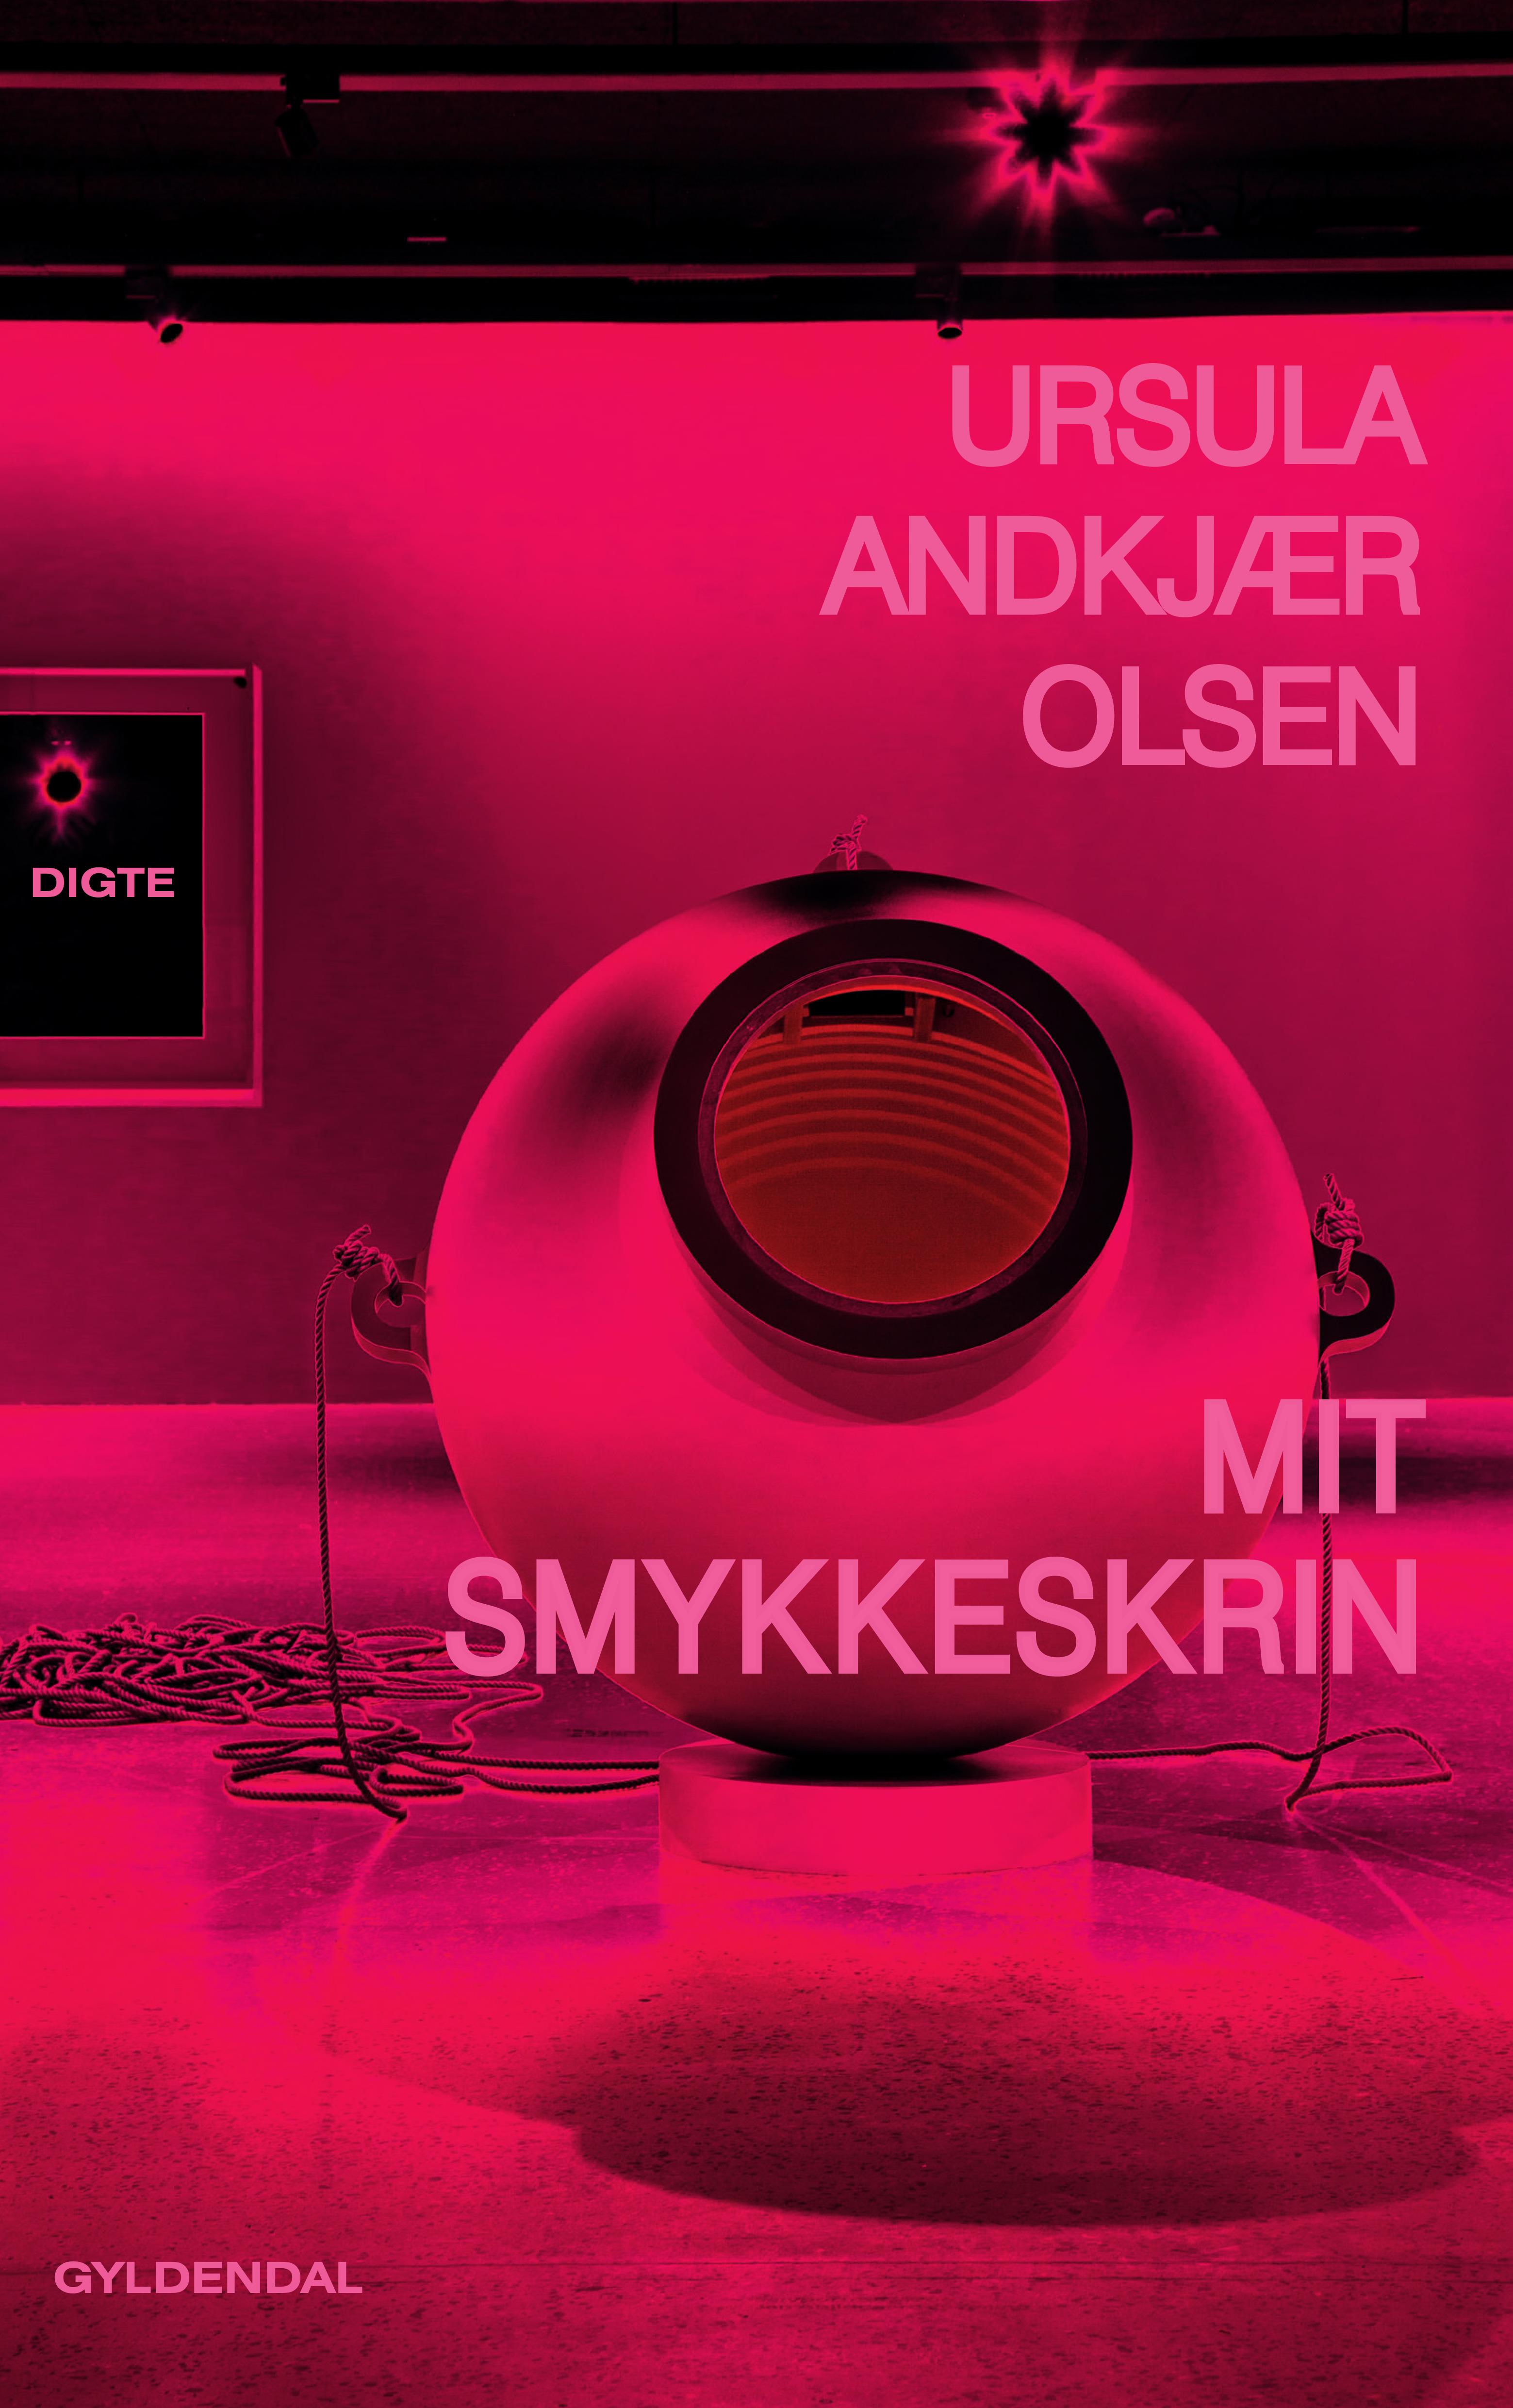 http://multimediaserver.gyldendal.dk/Gyldendal/CoverFace/WH_Original/8702281354.jpg